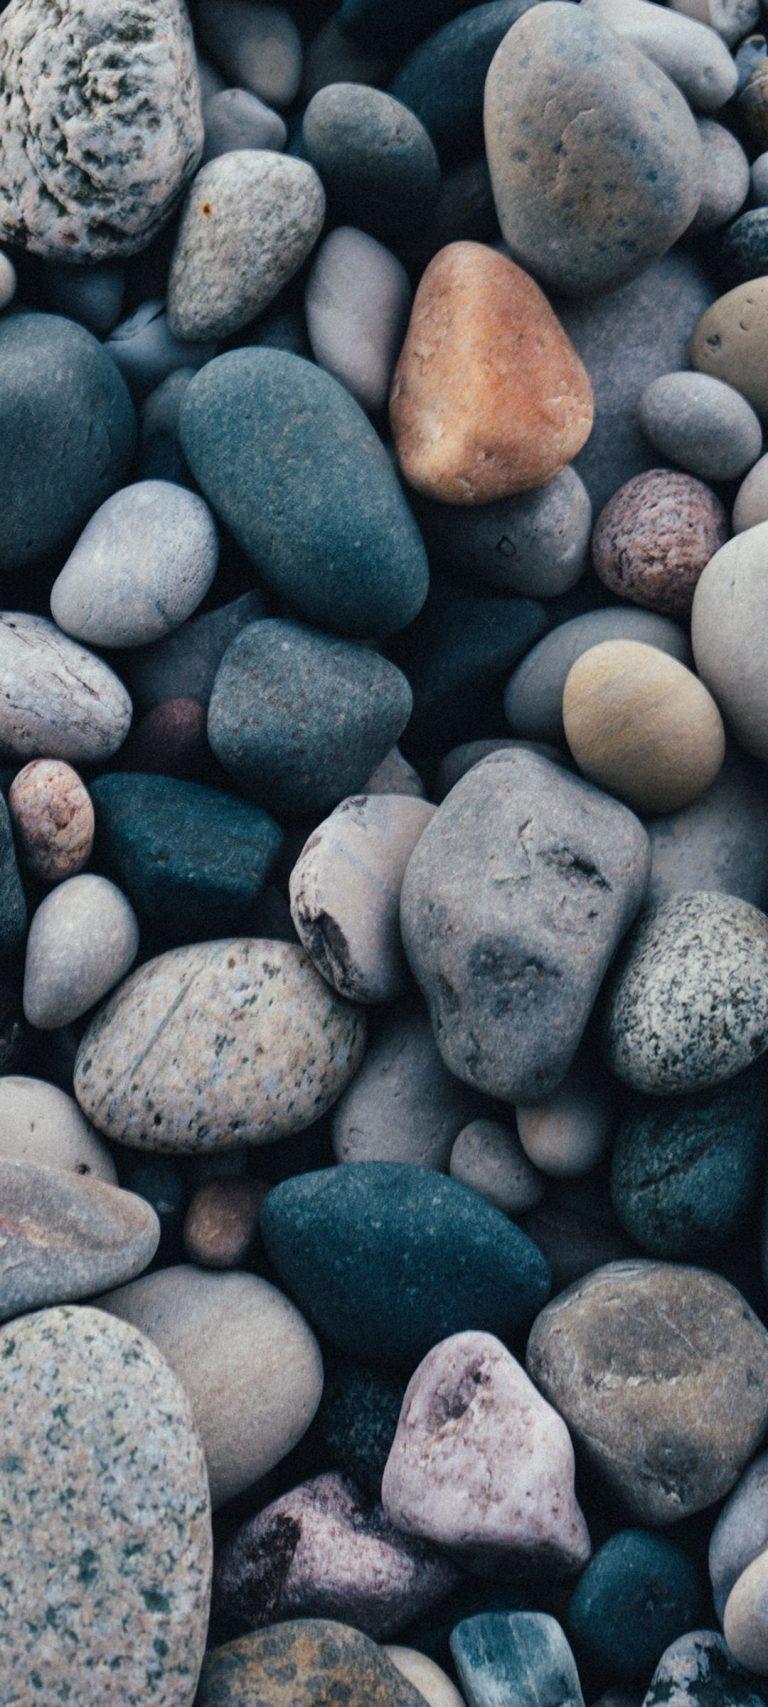 Stones Sea Pebble 1080x2400 768x1707